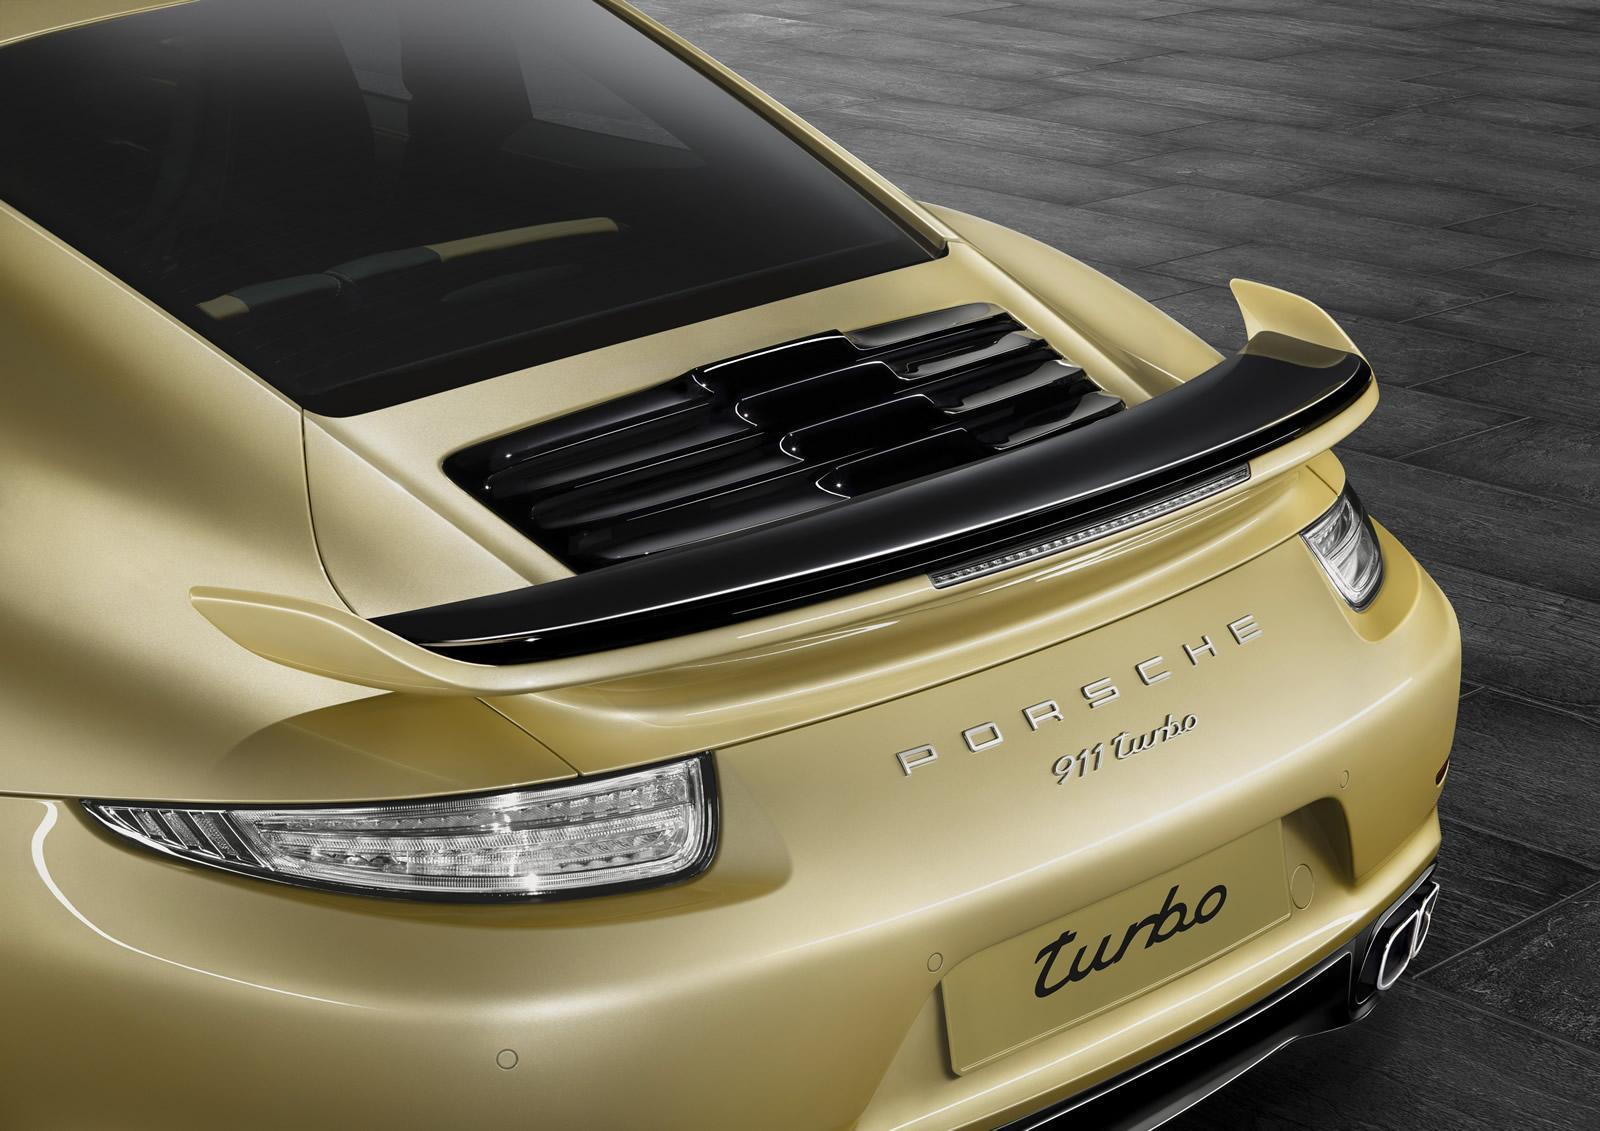 Porsche 911 Turbo S aerokit 2015